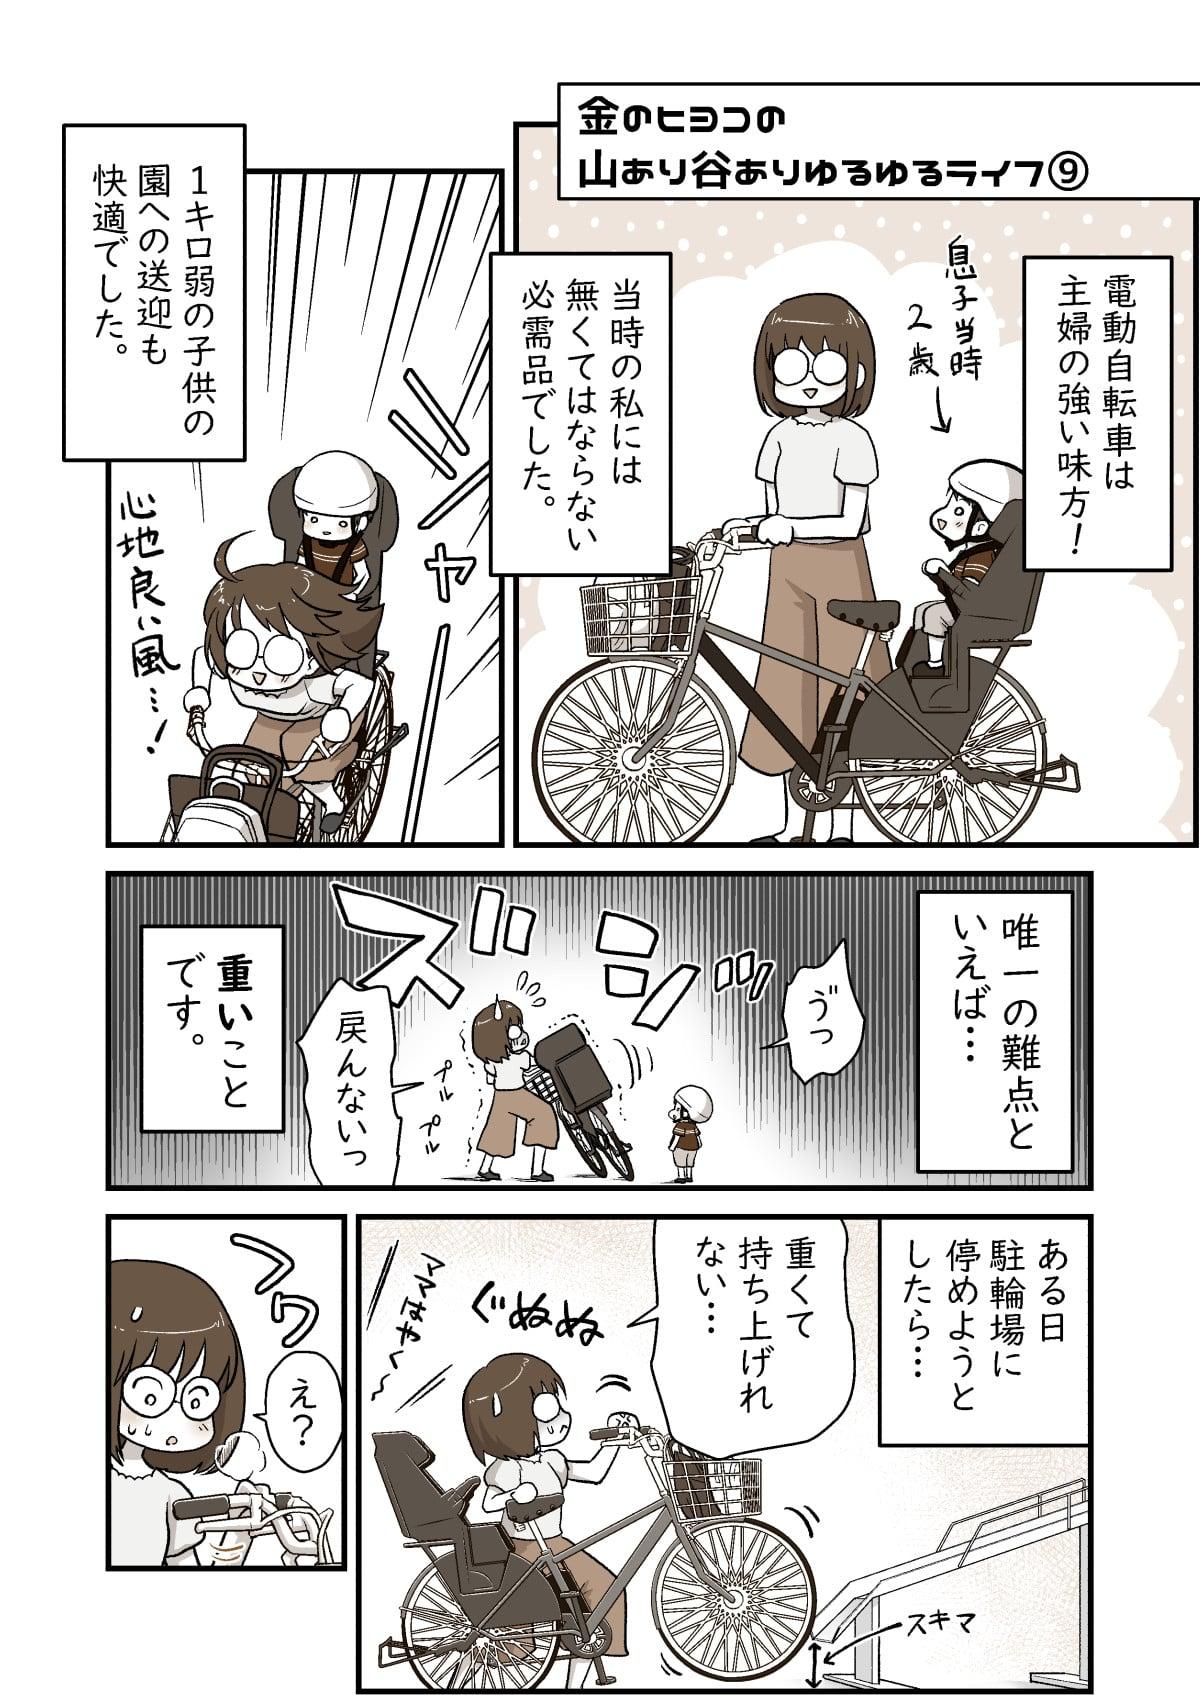 通りすがりのご婦人の優しさに感動!電動自転車を停められなくて困っていたら……01